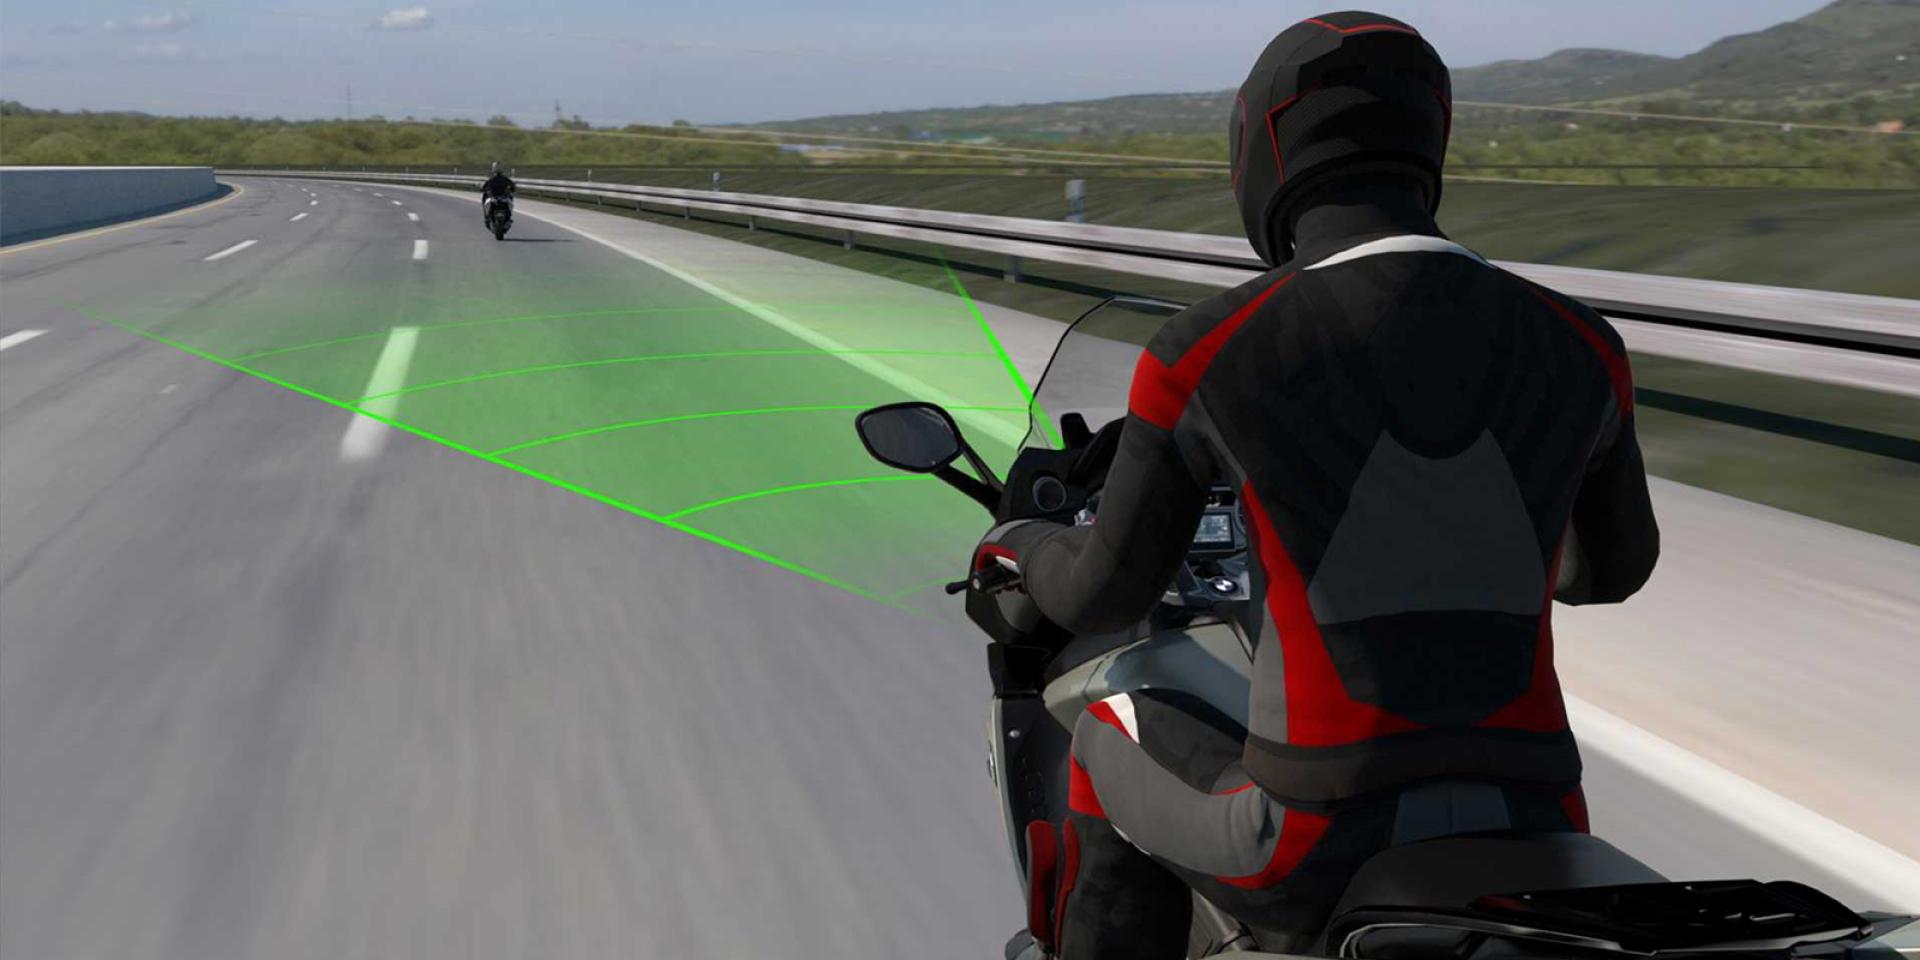 輕鬆享受沿途美景。BMW Motorrad預告導入ACC系統!